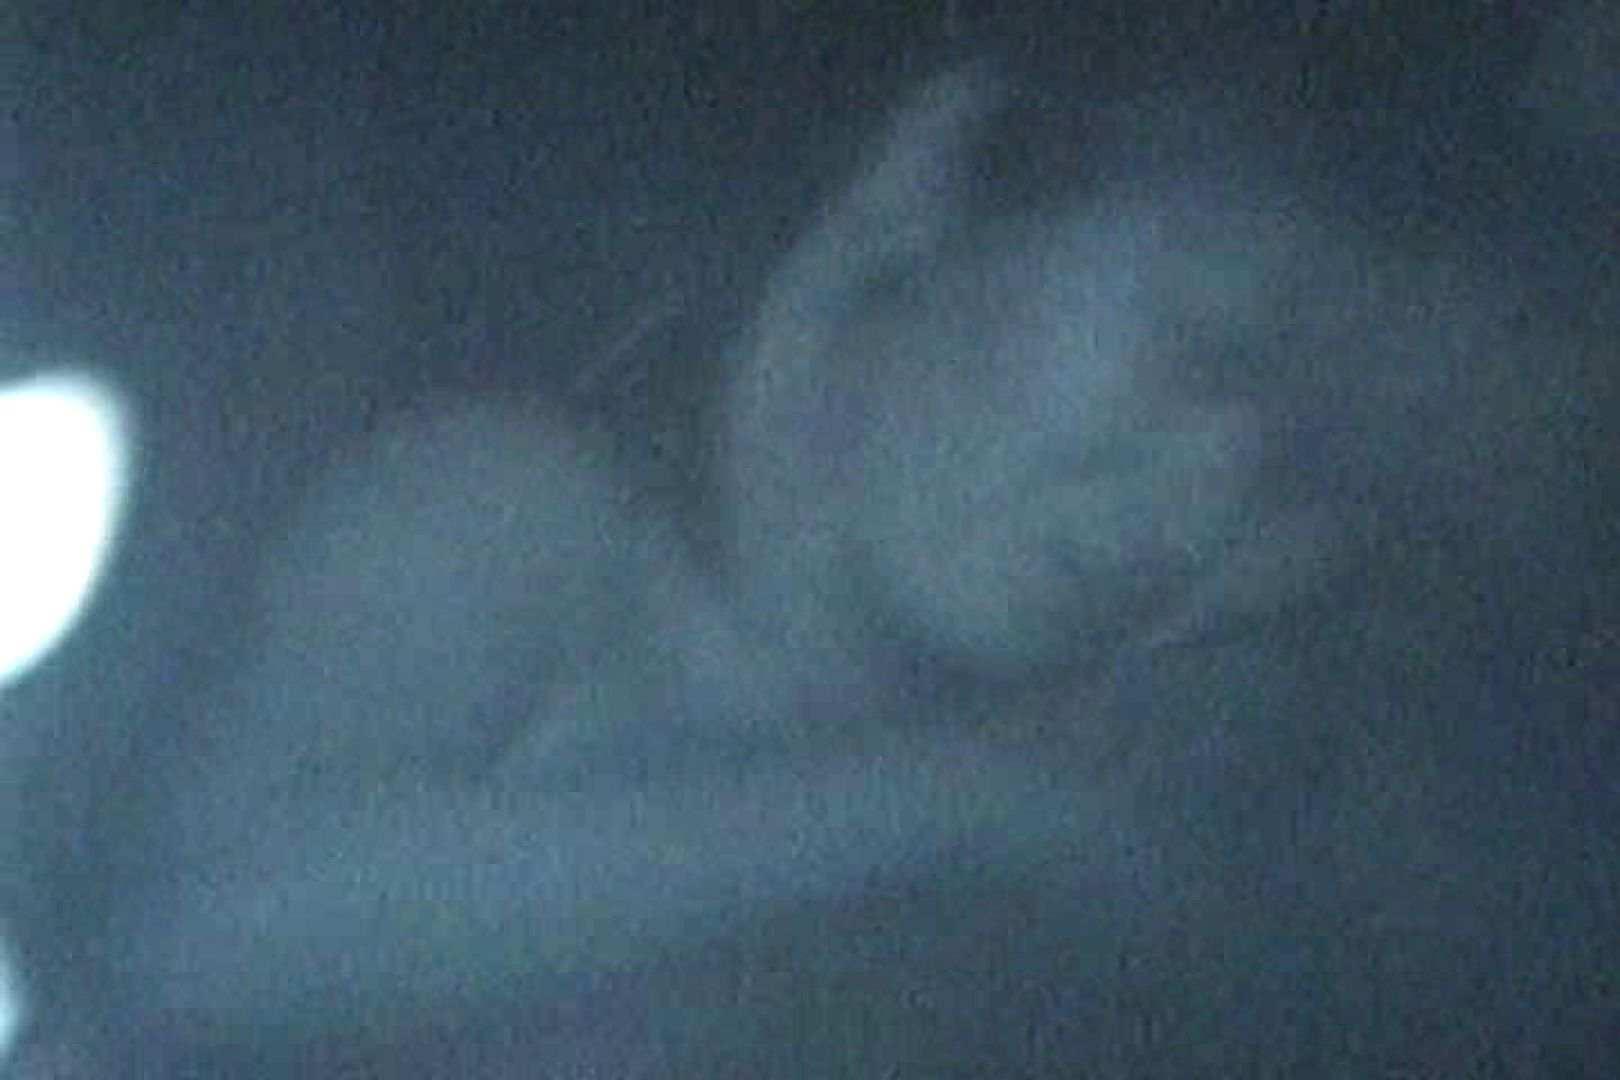 充血監督の深夜の運動会Vol.146 カップルのセックス エロ画像 94PIX 68